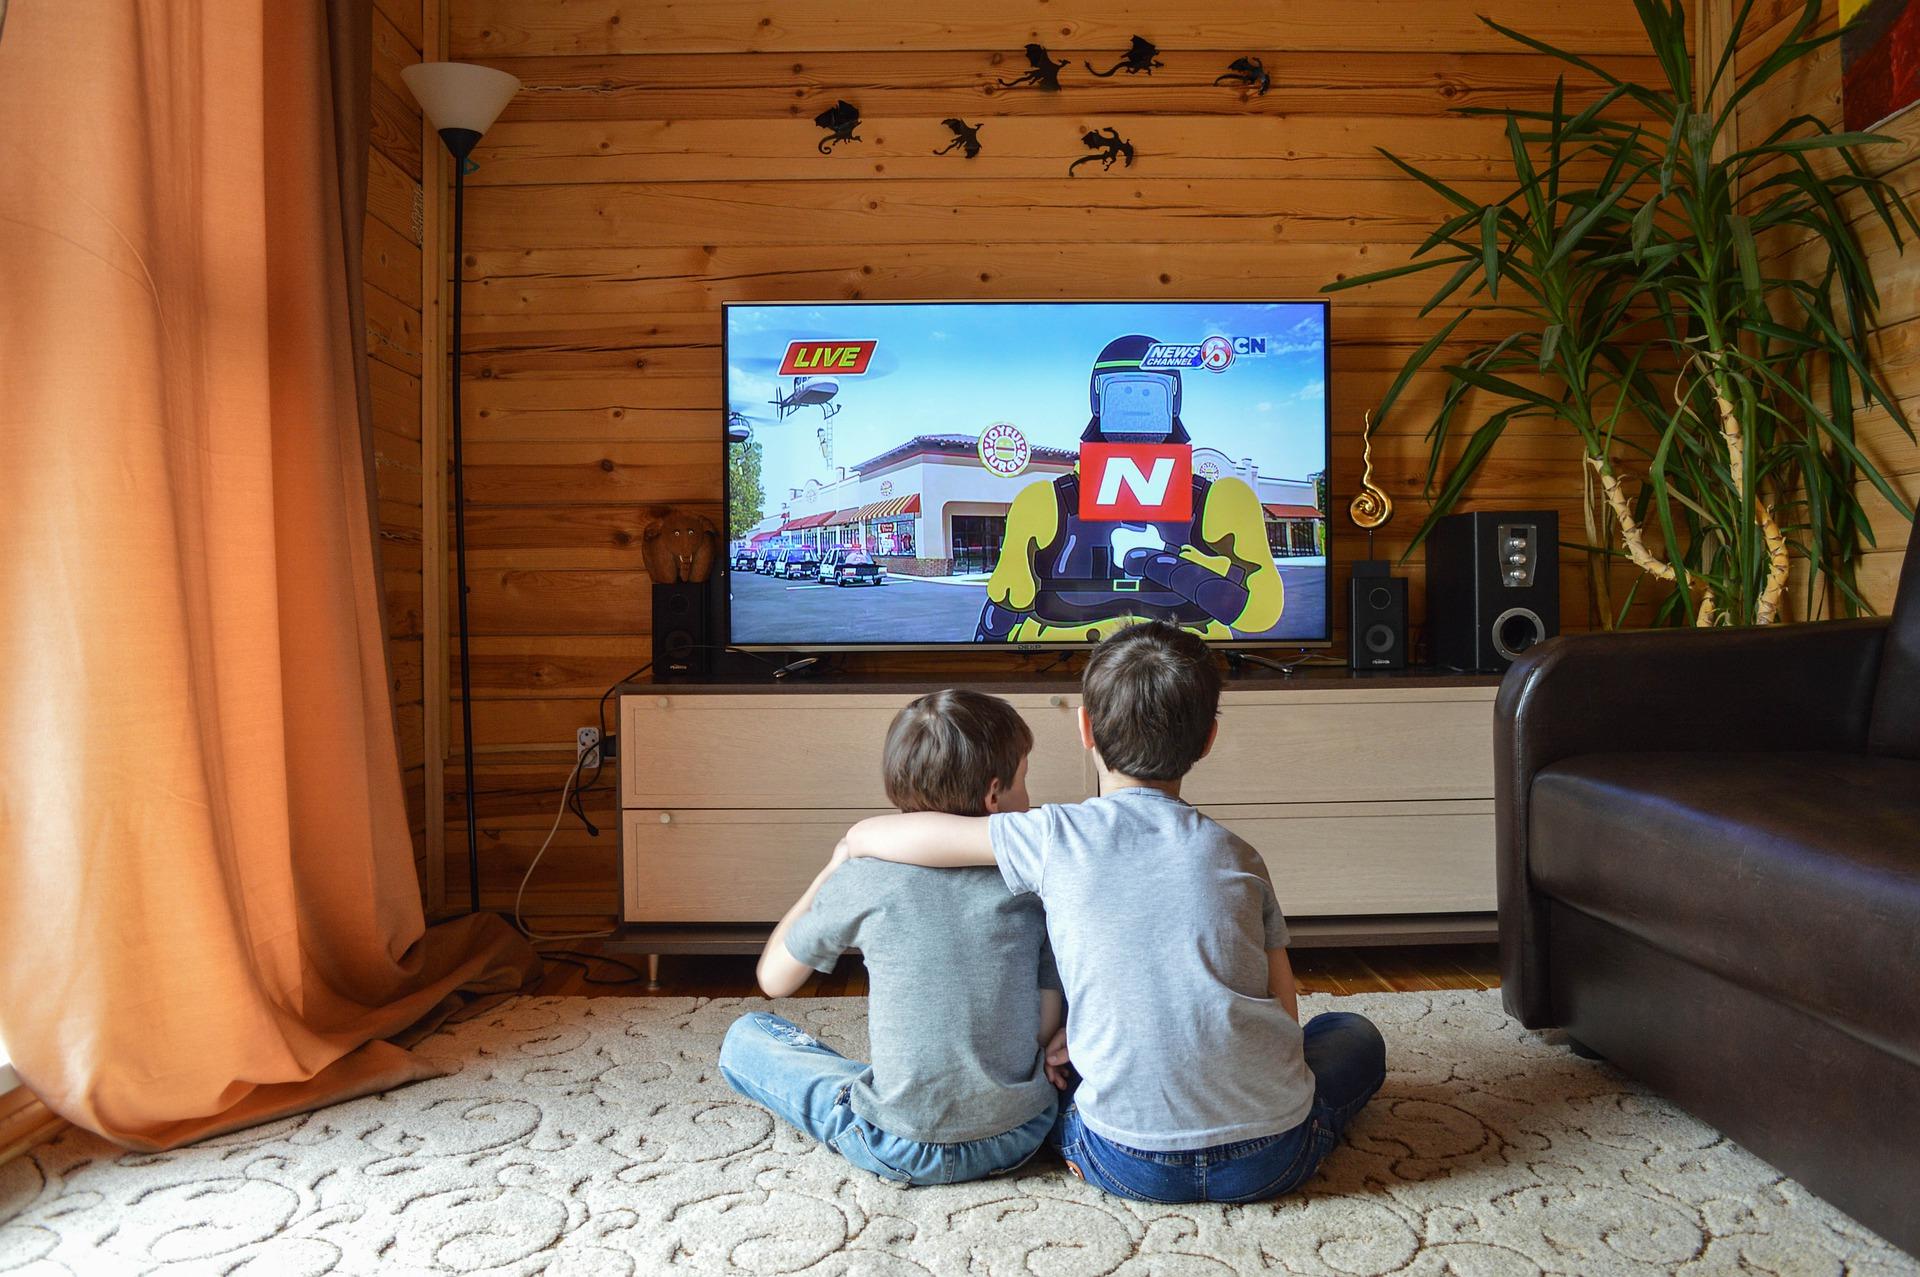 家でお兄ちゃんが弟に肩を回しながらテレビで映画を観ている様子